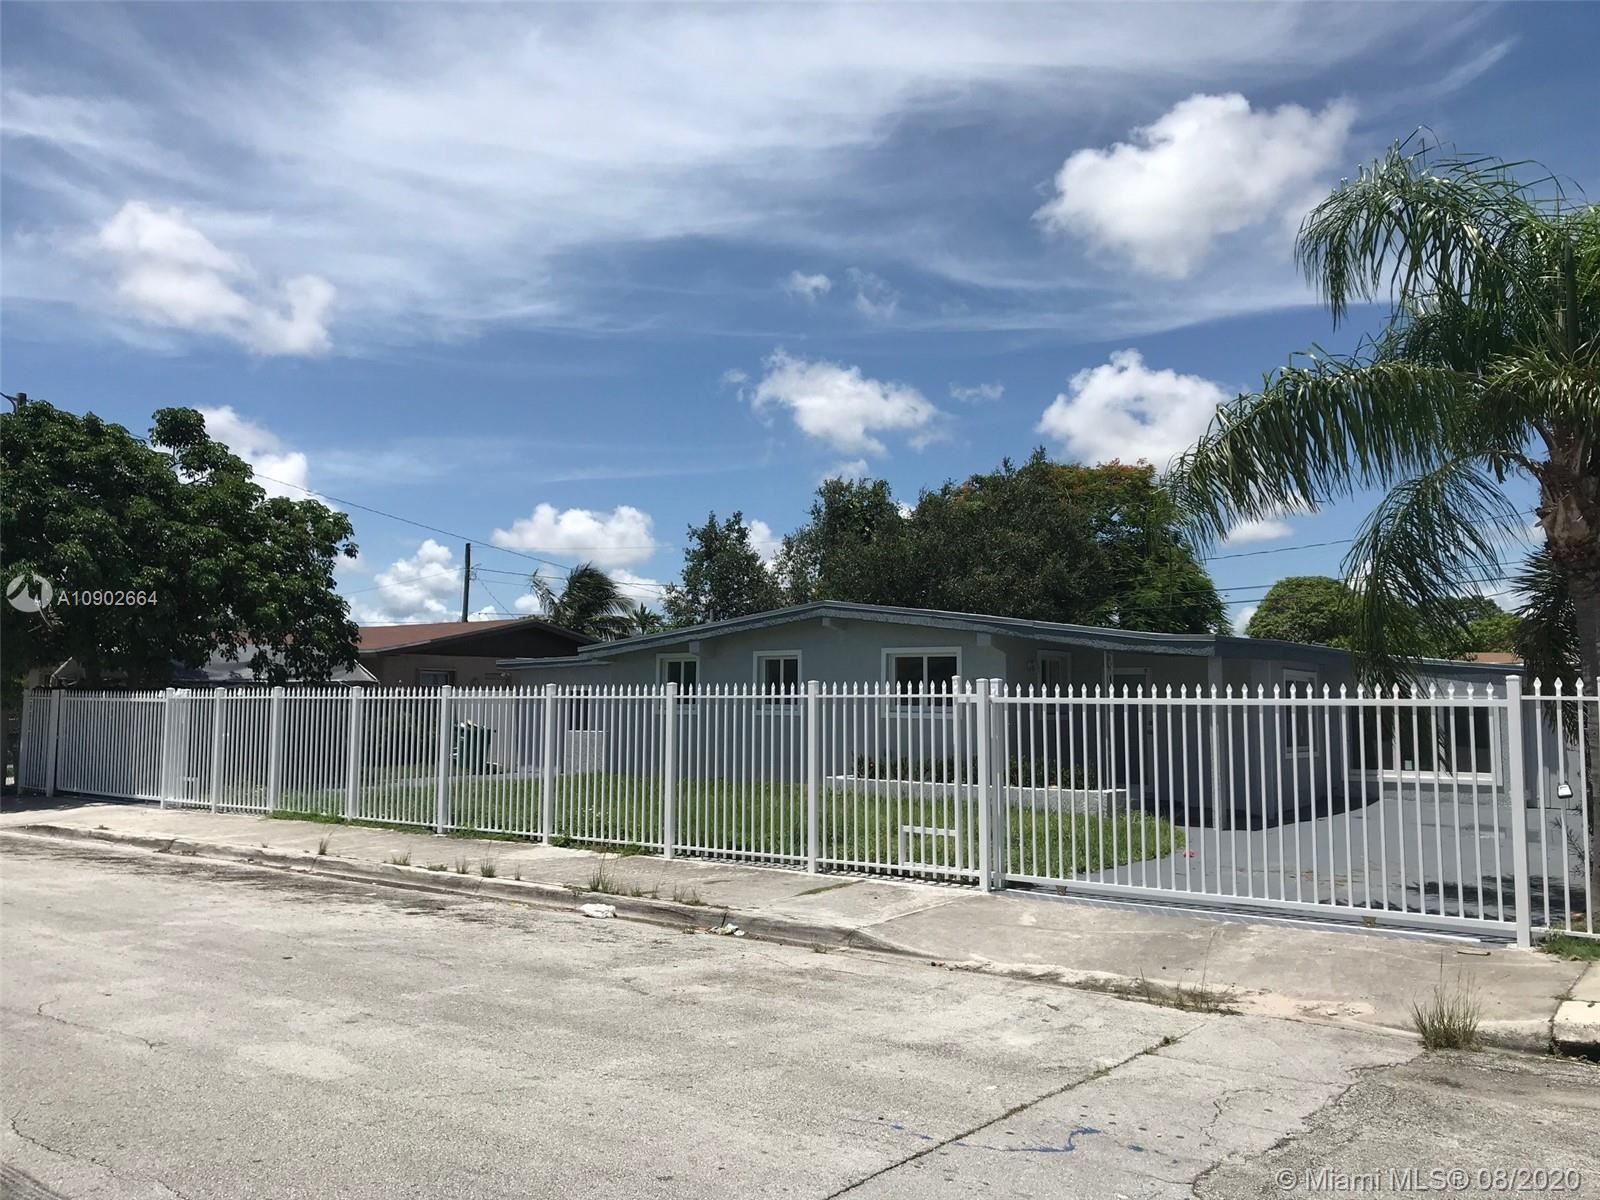 22110 SW 114th Ct, Miami, FL 33170 - #: A10902664